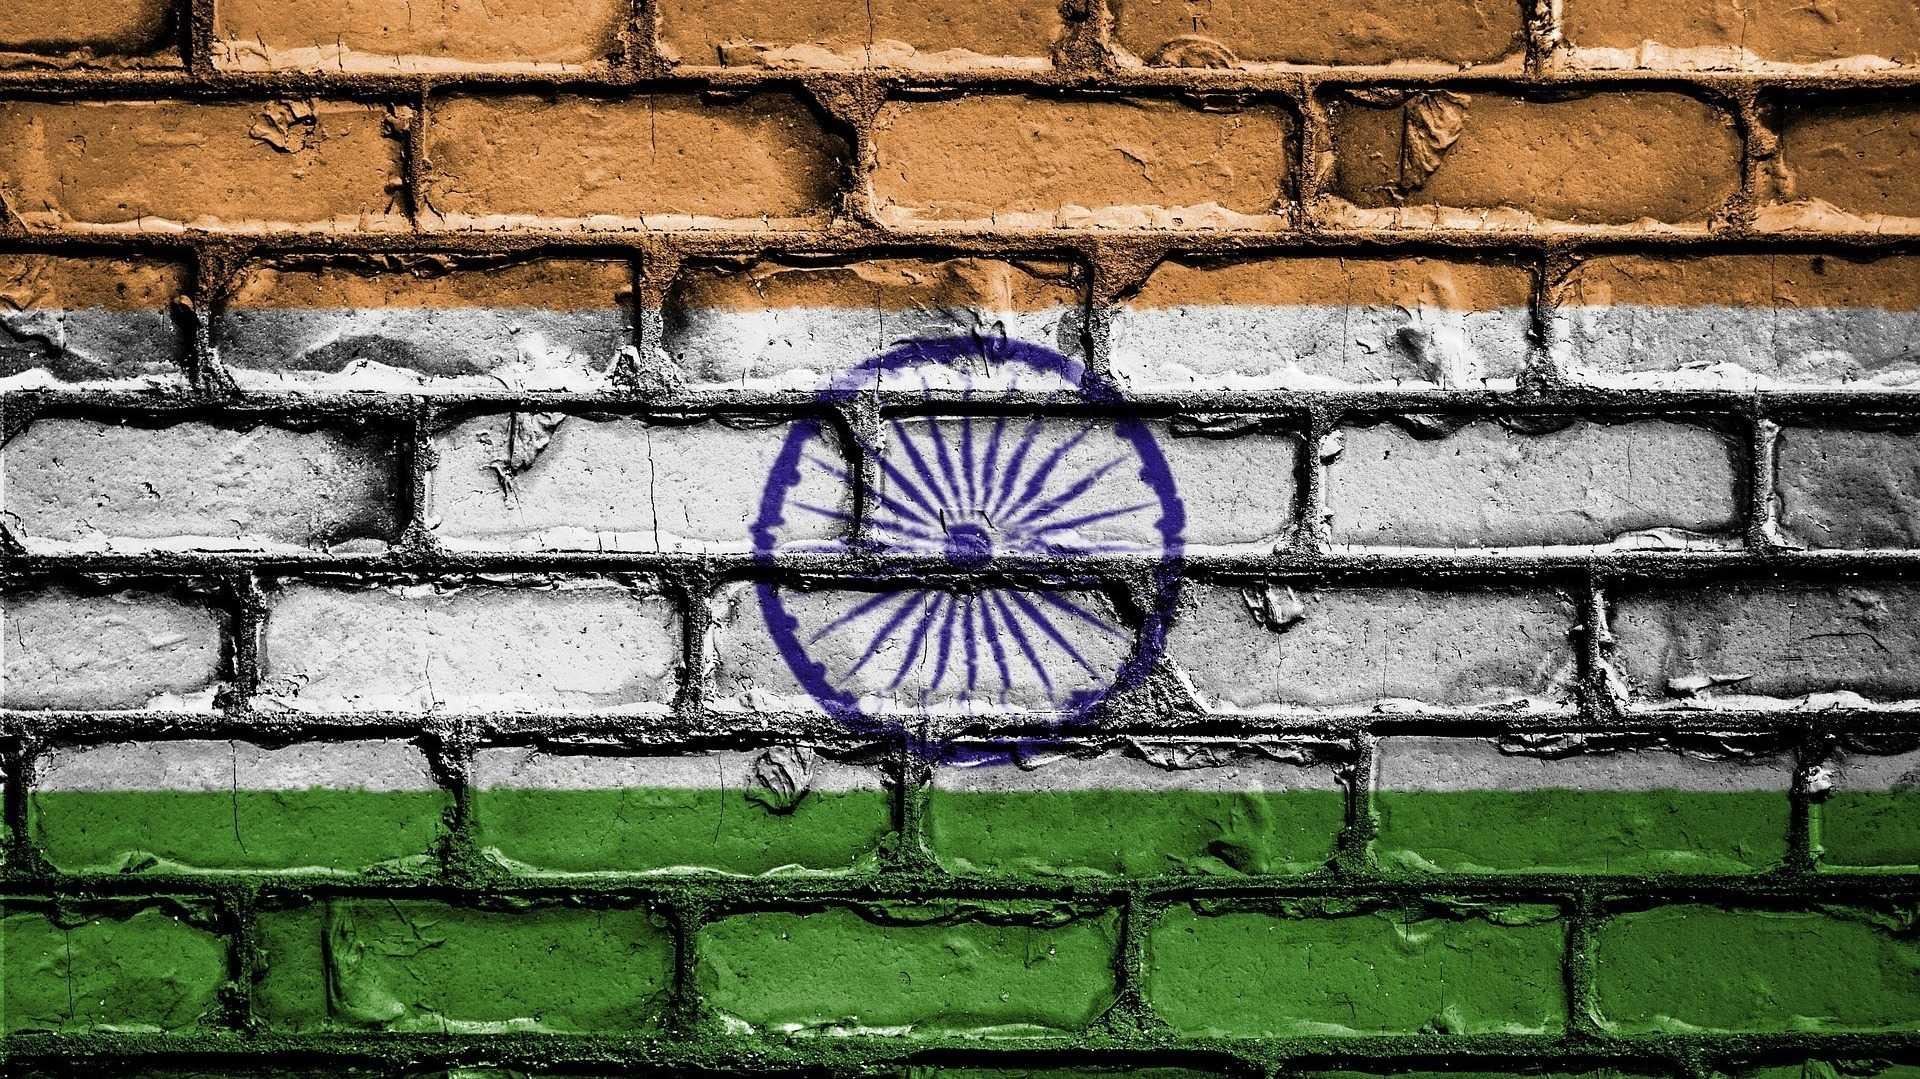 Internet Archive in Indien blockiert: Filmstudios erwirkten Sperre